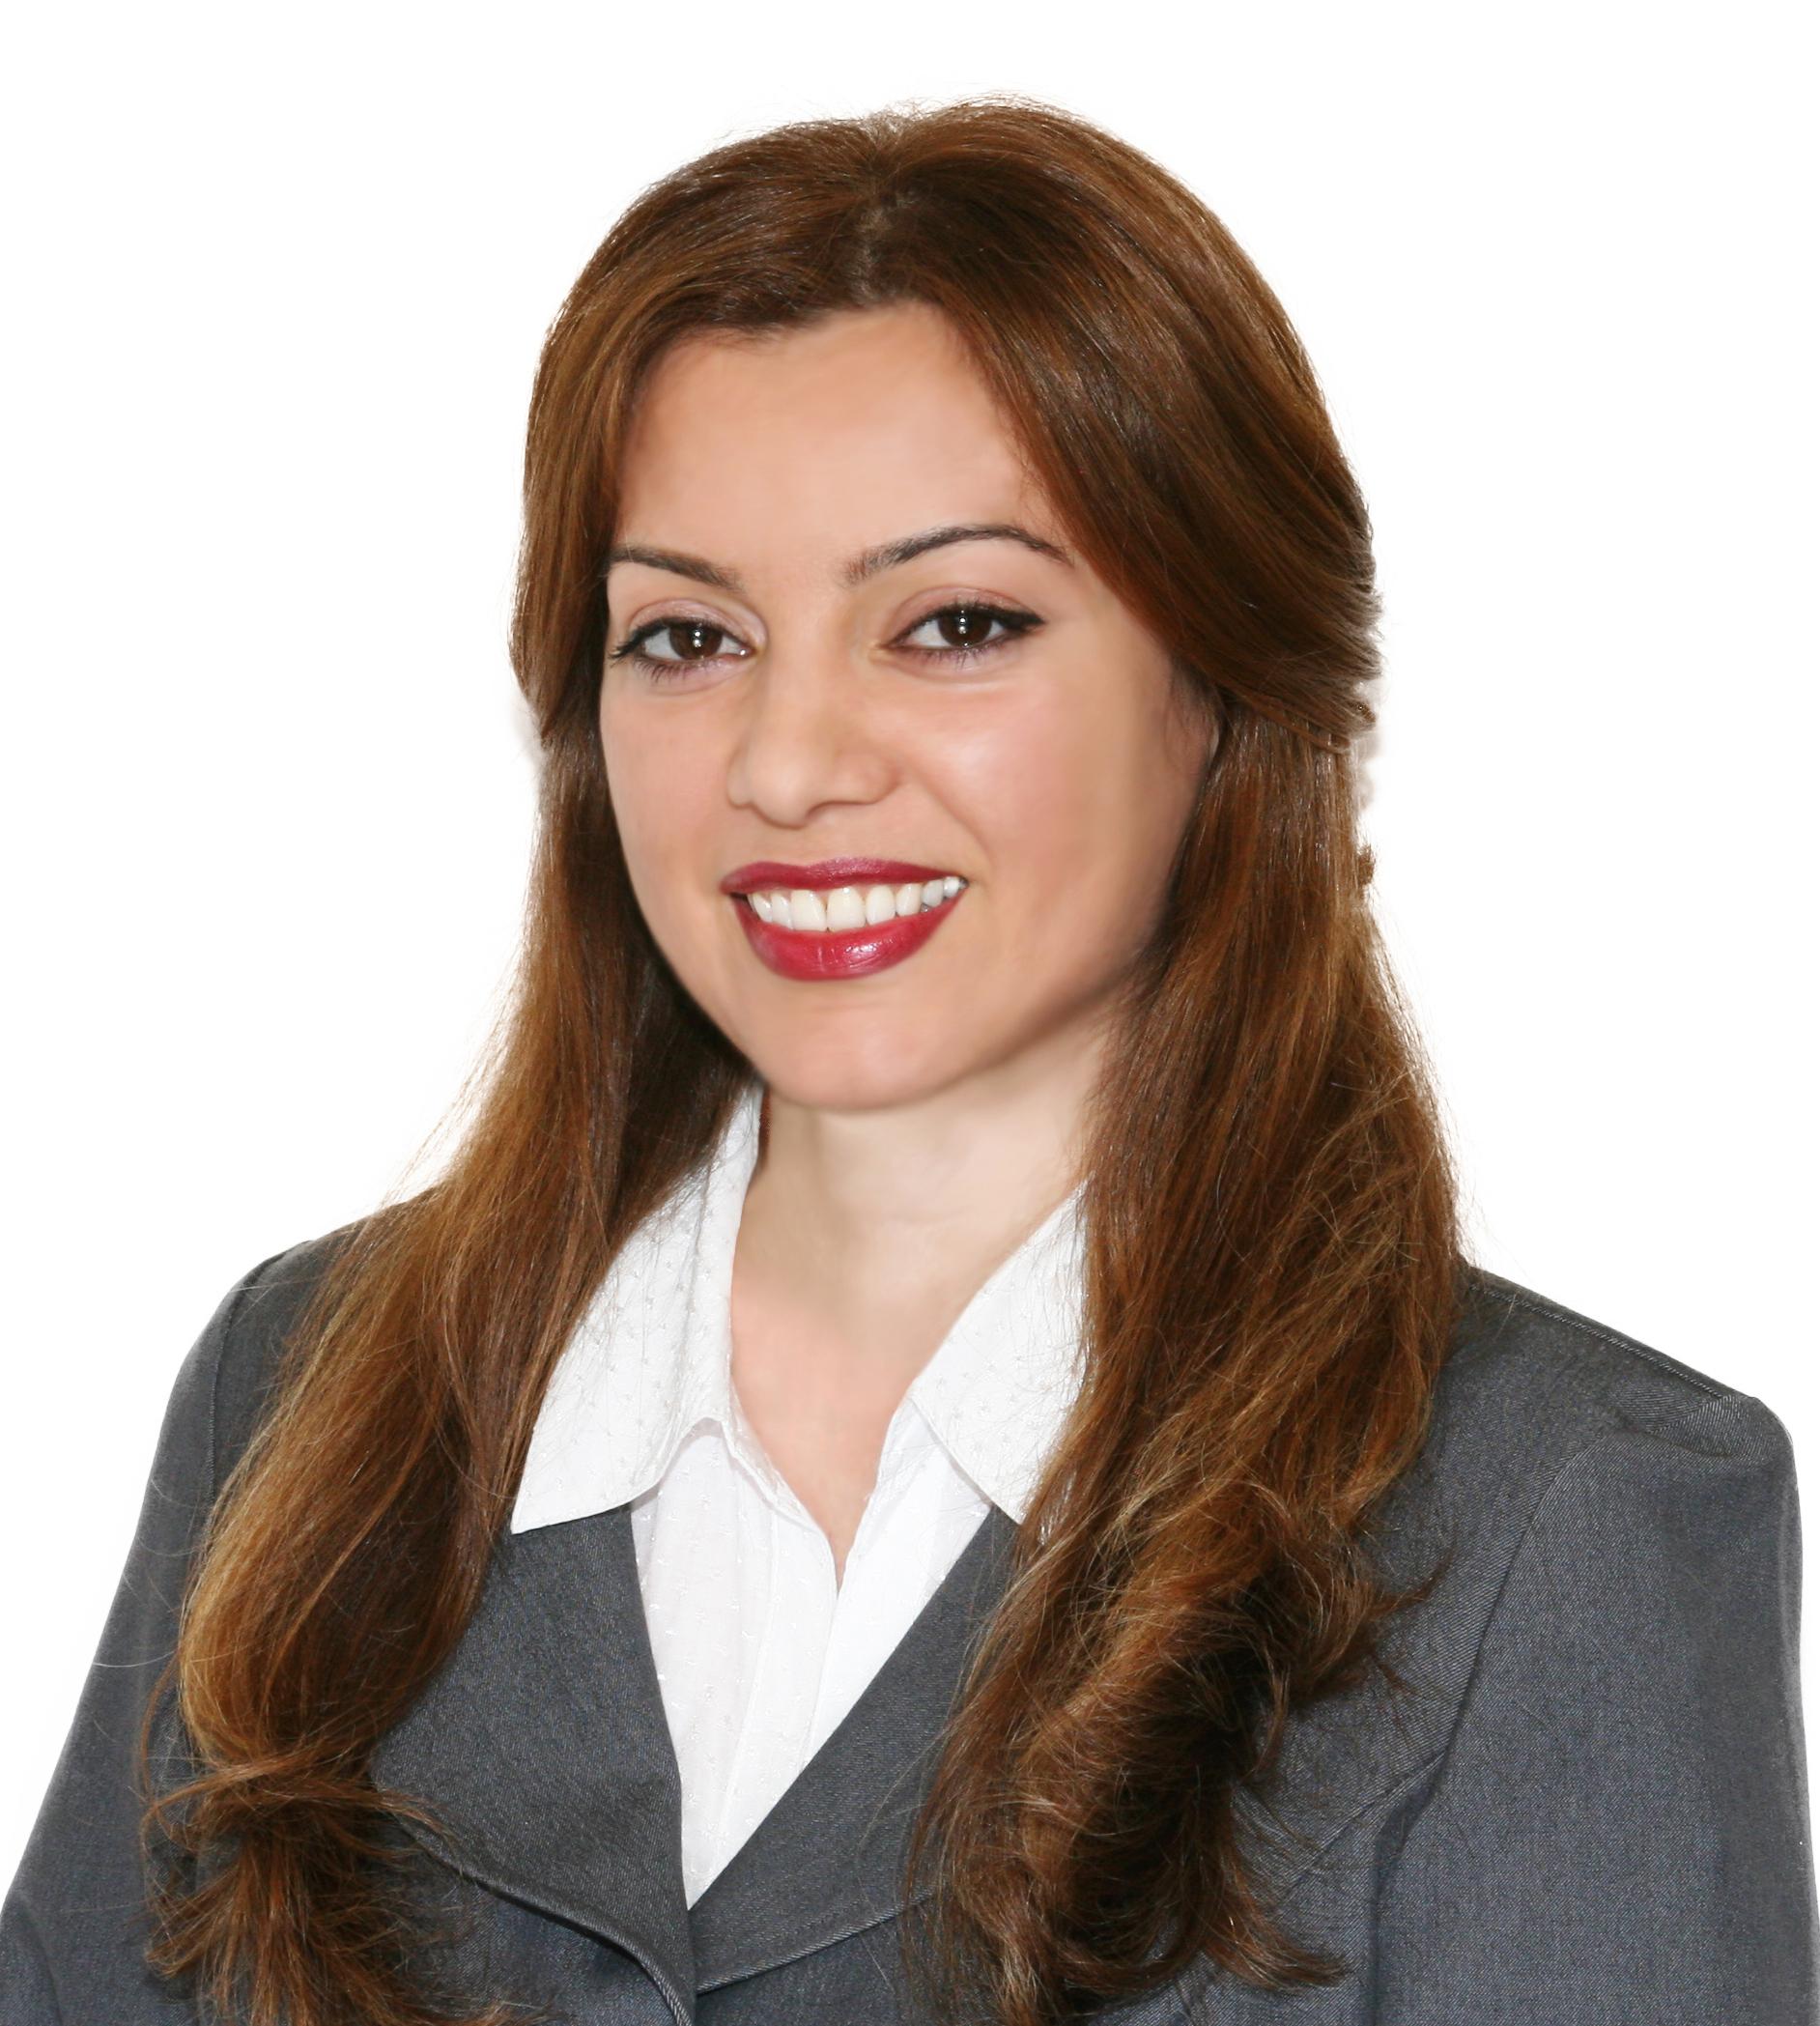 Jina Mahmoudi